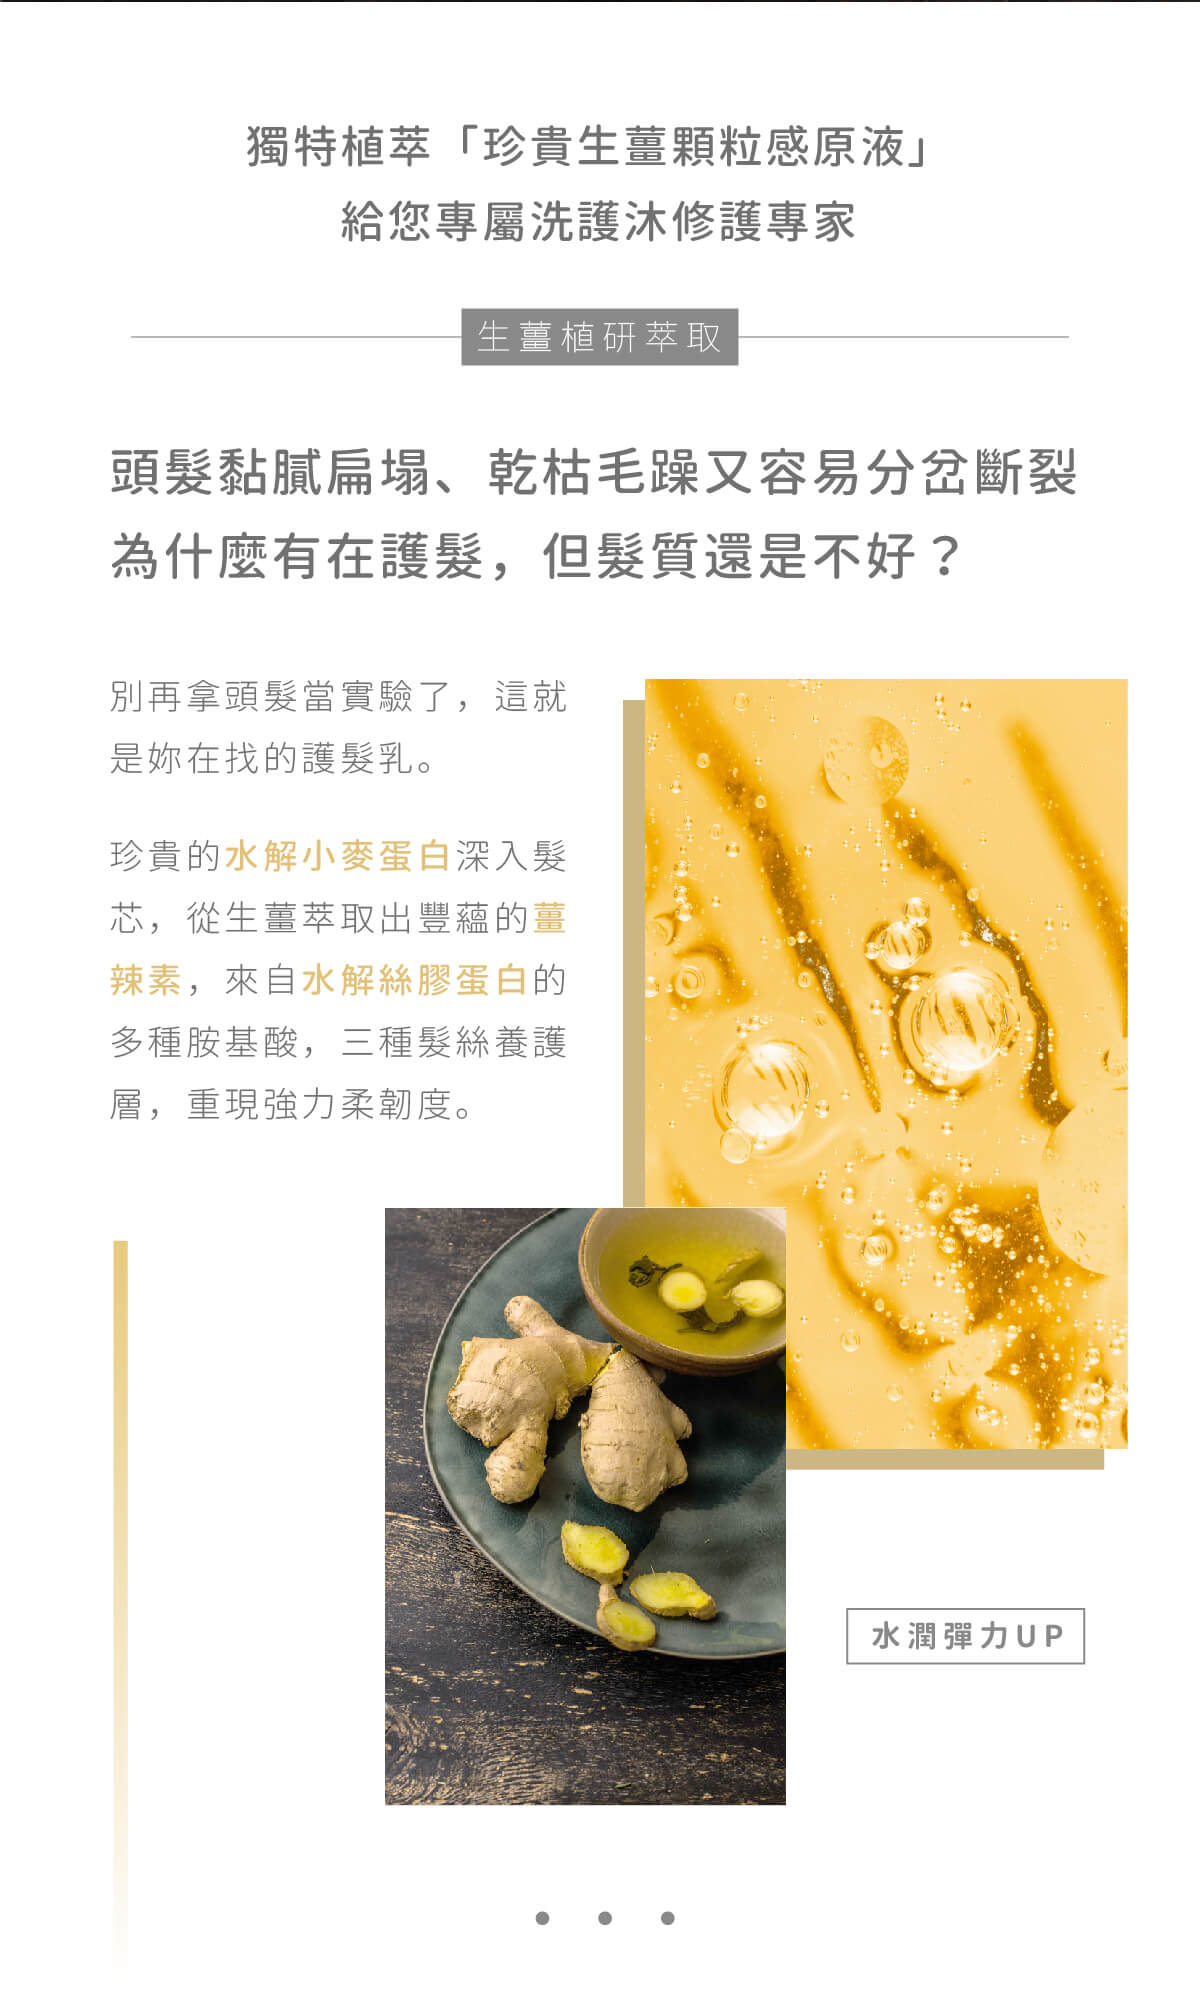 [ 白家綺 代言 ] KAFEN 生薑韌髮頭皮洗髮精500ml/ 生薑粒子護髮素500ml/ 生薑美肌沐浴乳500ml